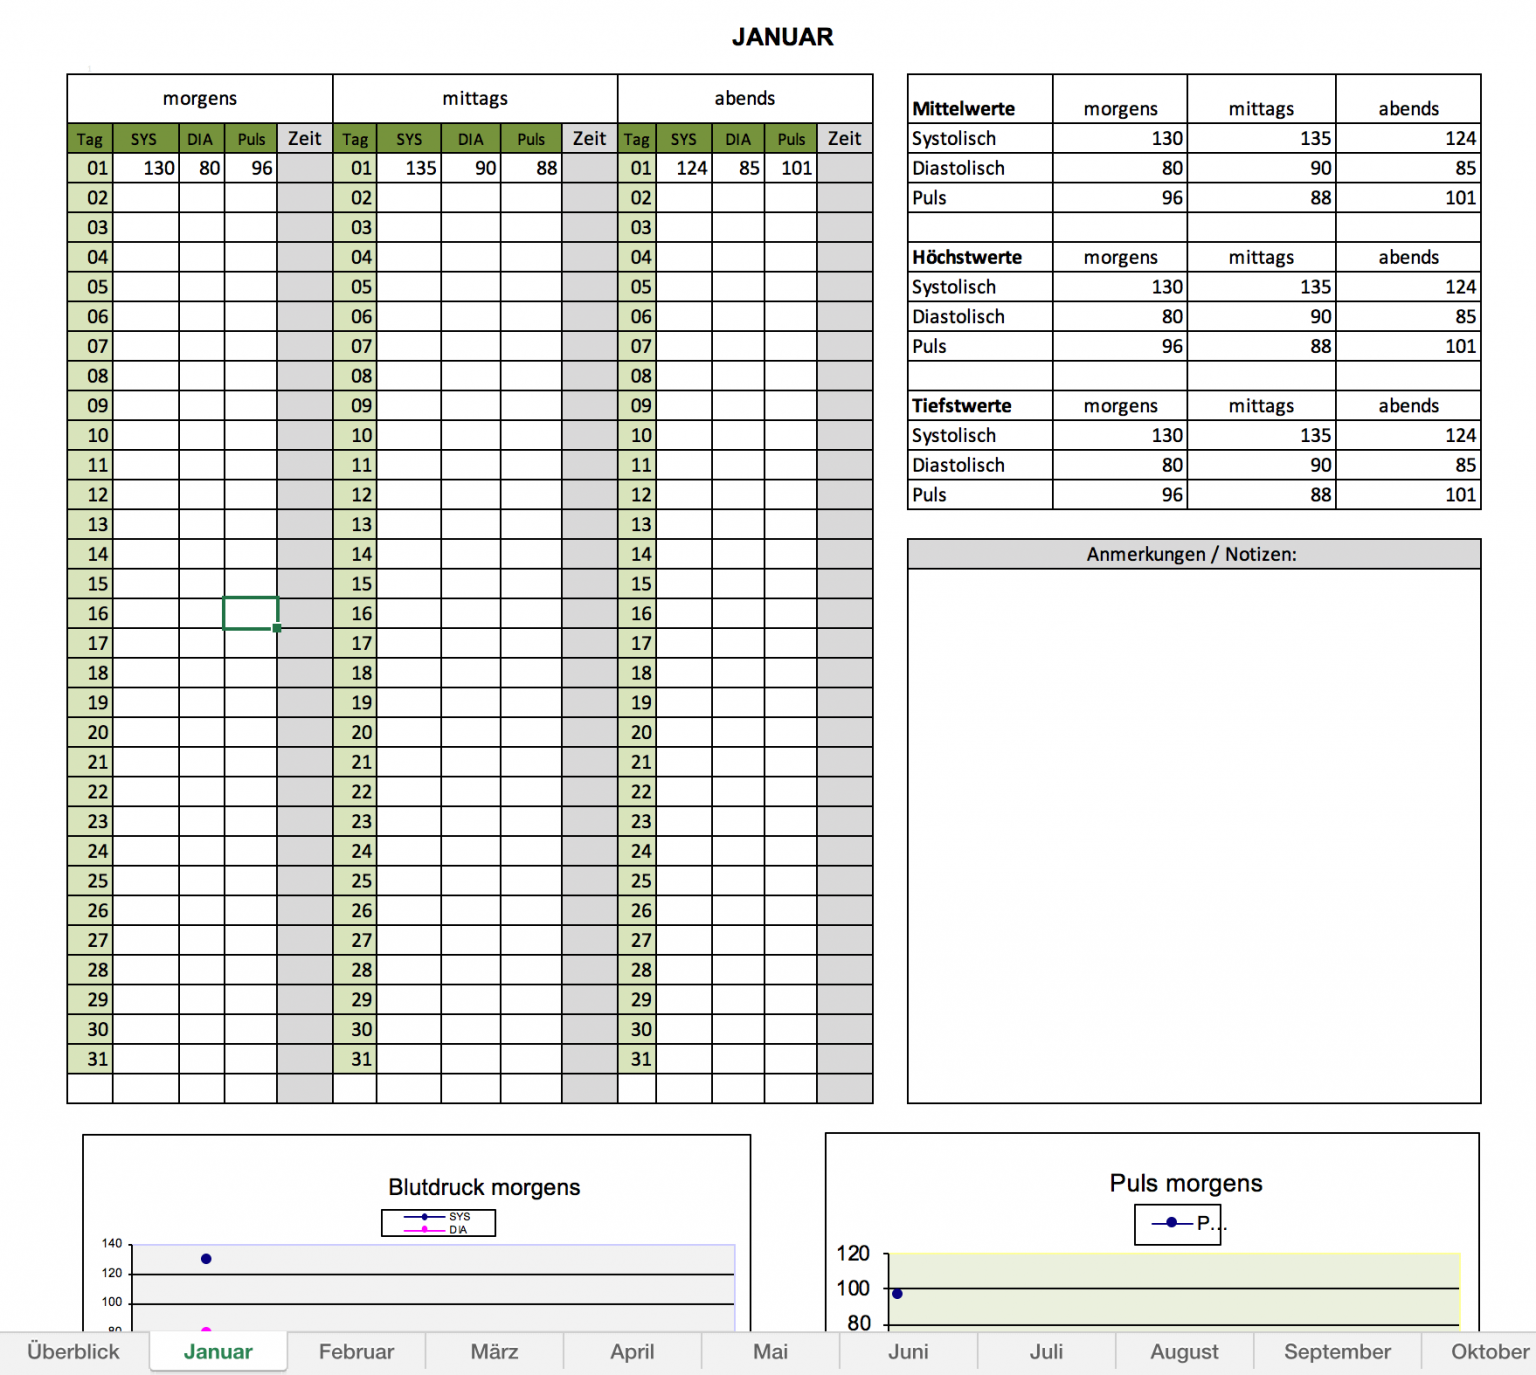 Excelvorlagen mit Blutdruck-Tabelle inkl. Puls und Mittelwert